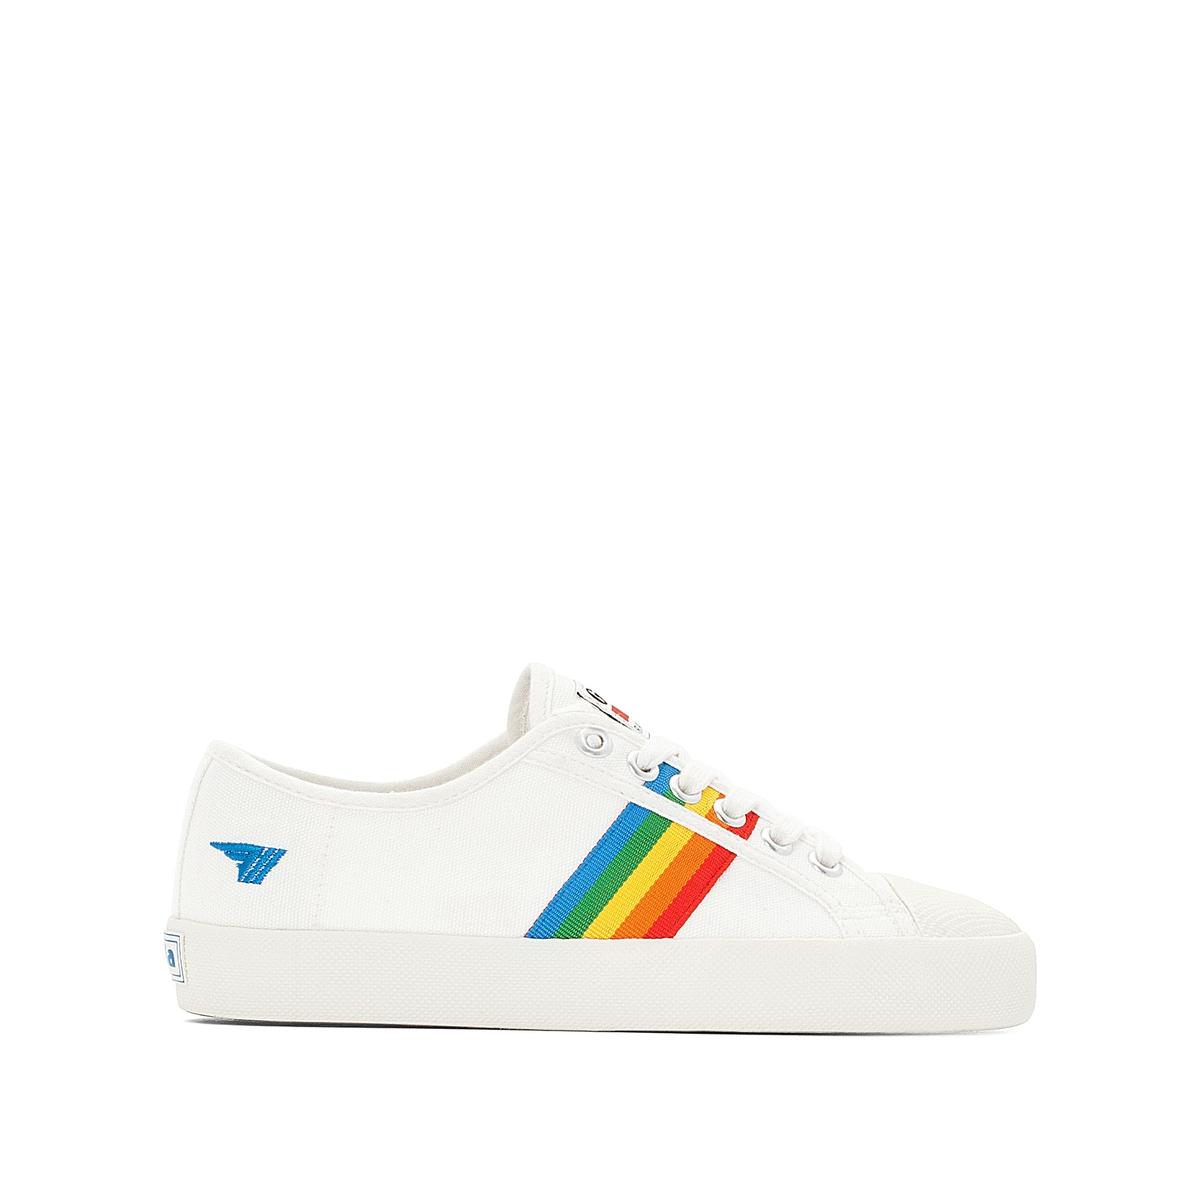 Imagen adicional de producto de Zapatillas Coaster Rainbow - Gola